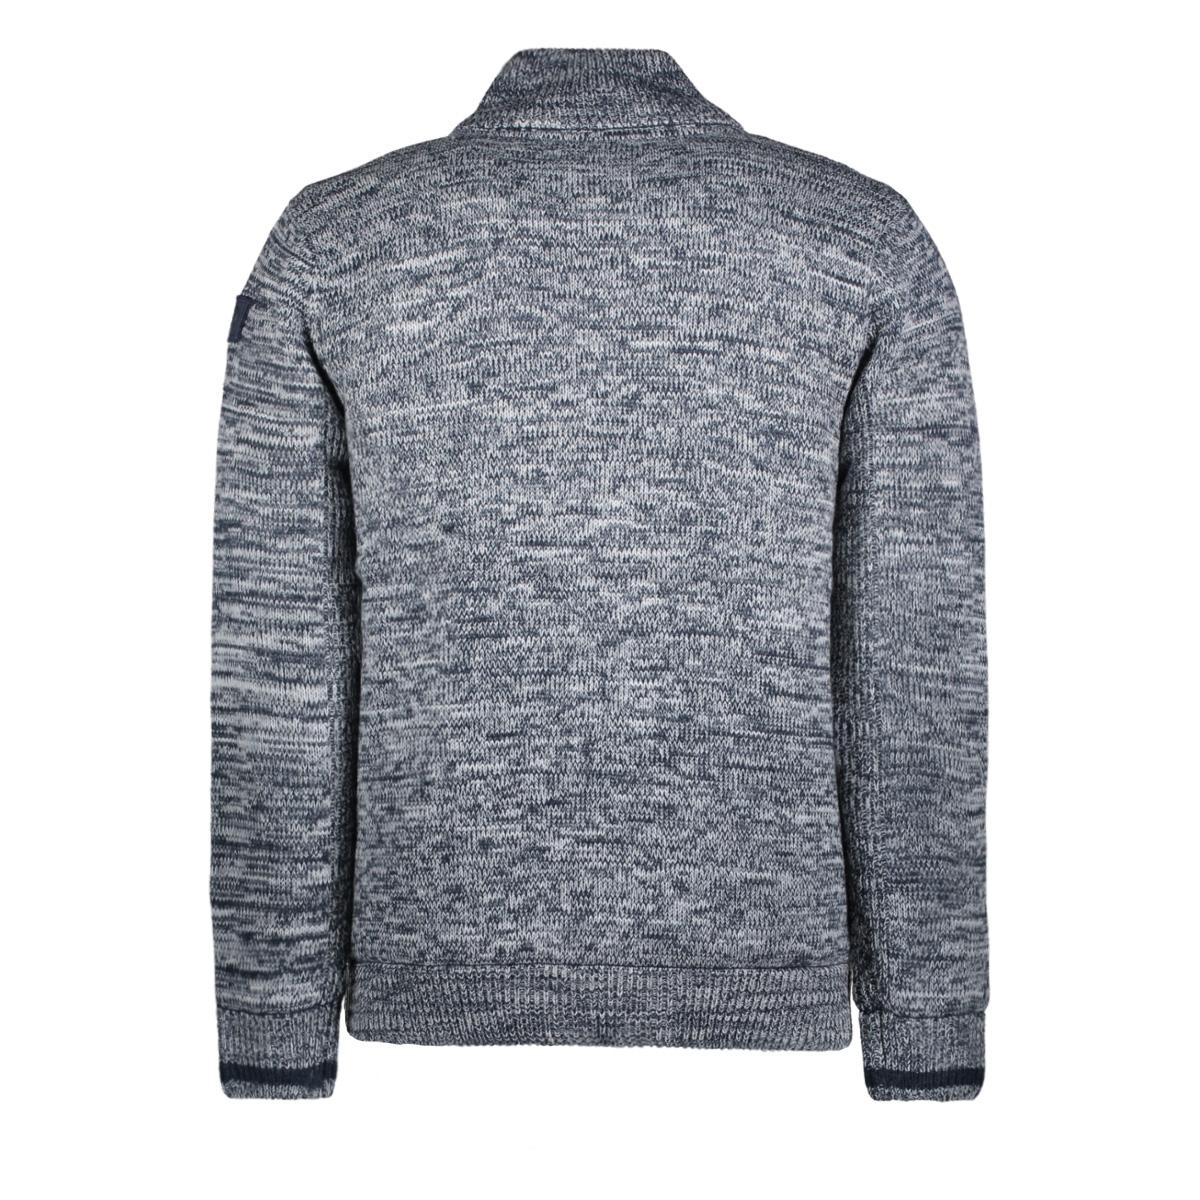 mpo751303 twinlife vest carbon